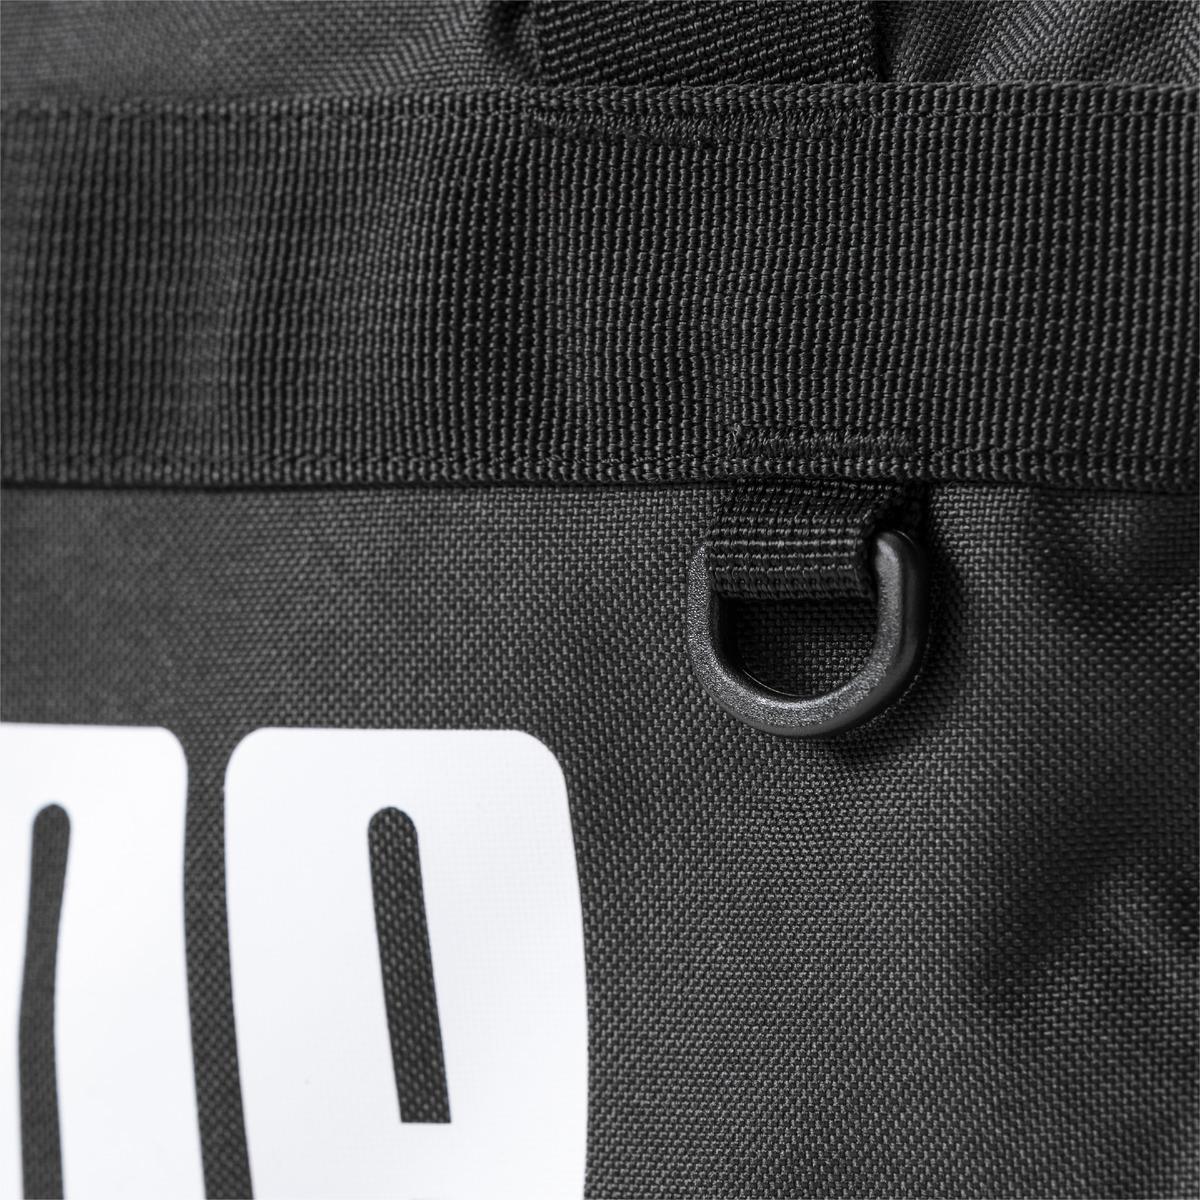 Galaxy Wolf Gym Bag Sports Duffel Bag Barrel Holdall Bag For Travel Gym Sports Bag